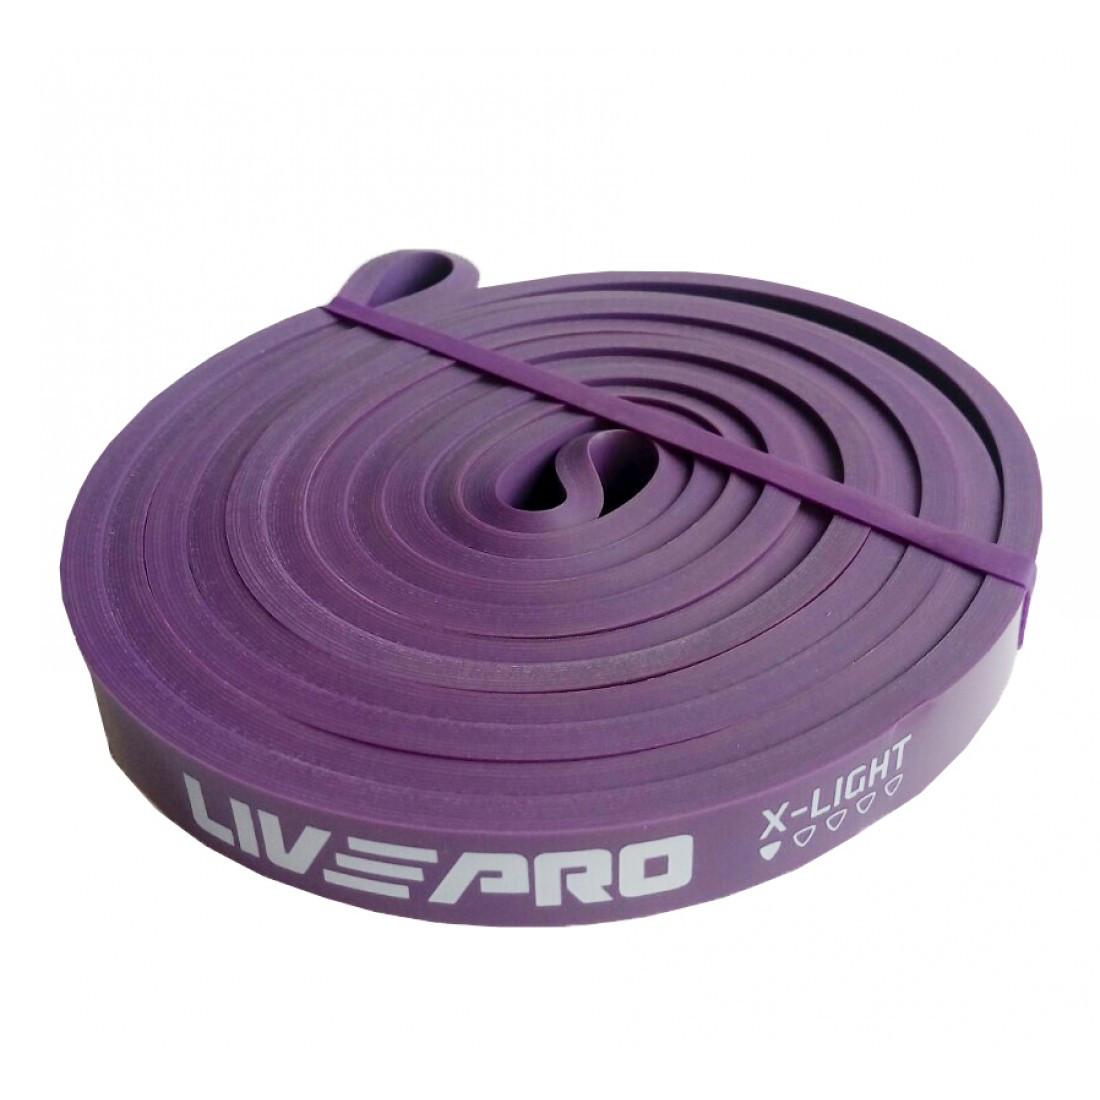 Эспандер-петли LivePro SUPER BAND X-Light 7-16 кг для подтягивания, турника, воркаута, фитнеса и тренировок.